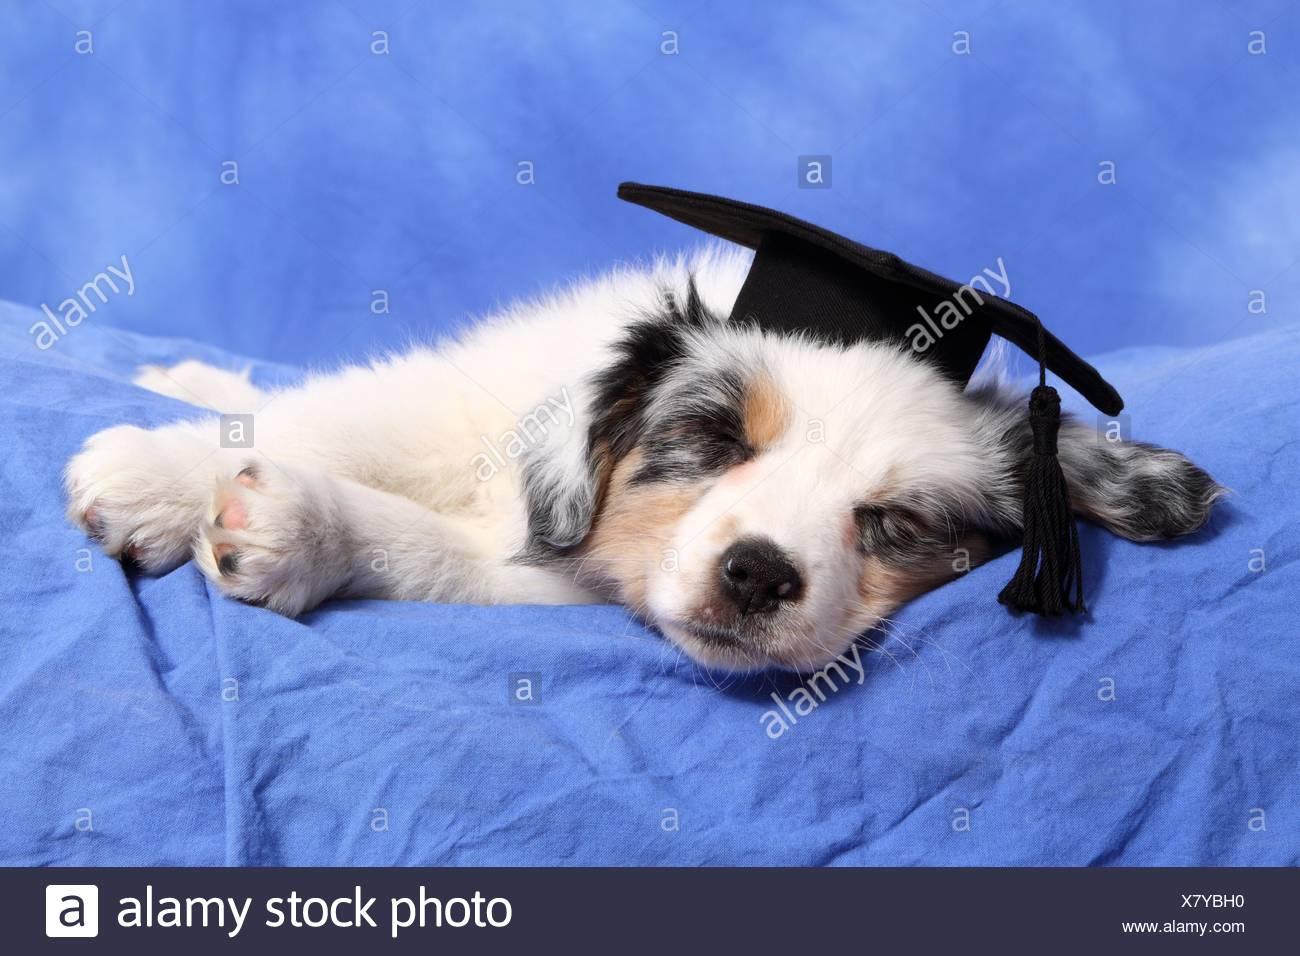 Graduate Dog Stock Photos & Graduate Dog Stock Images - Alamy